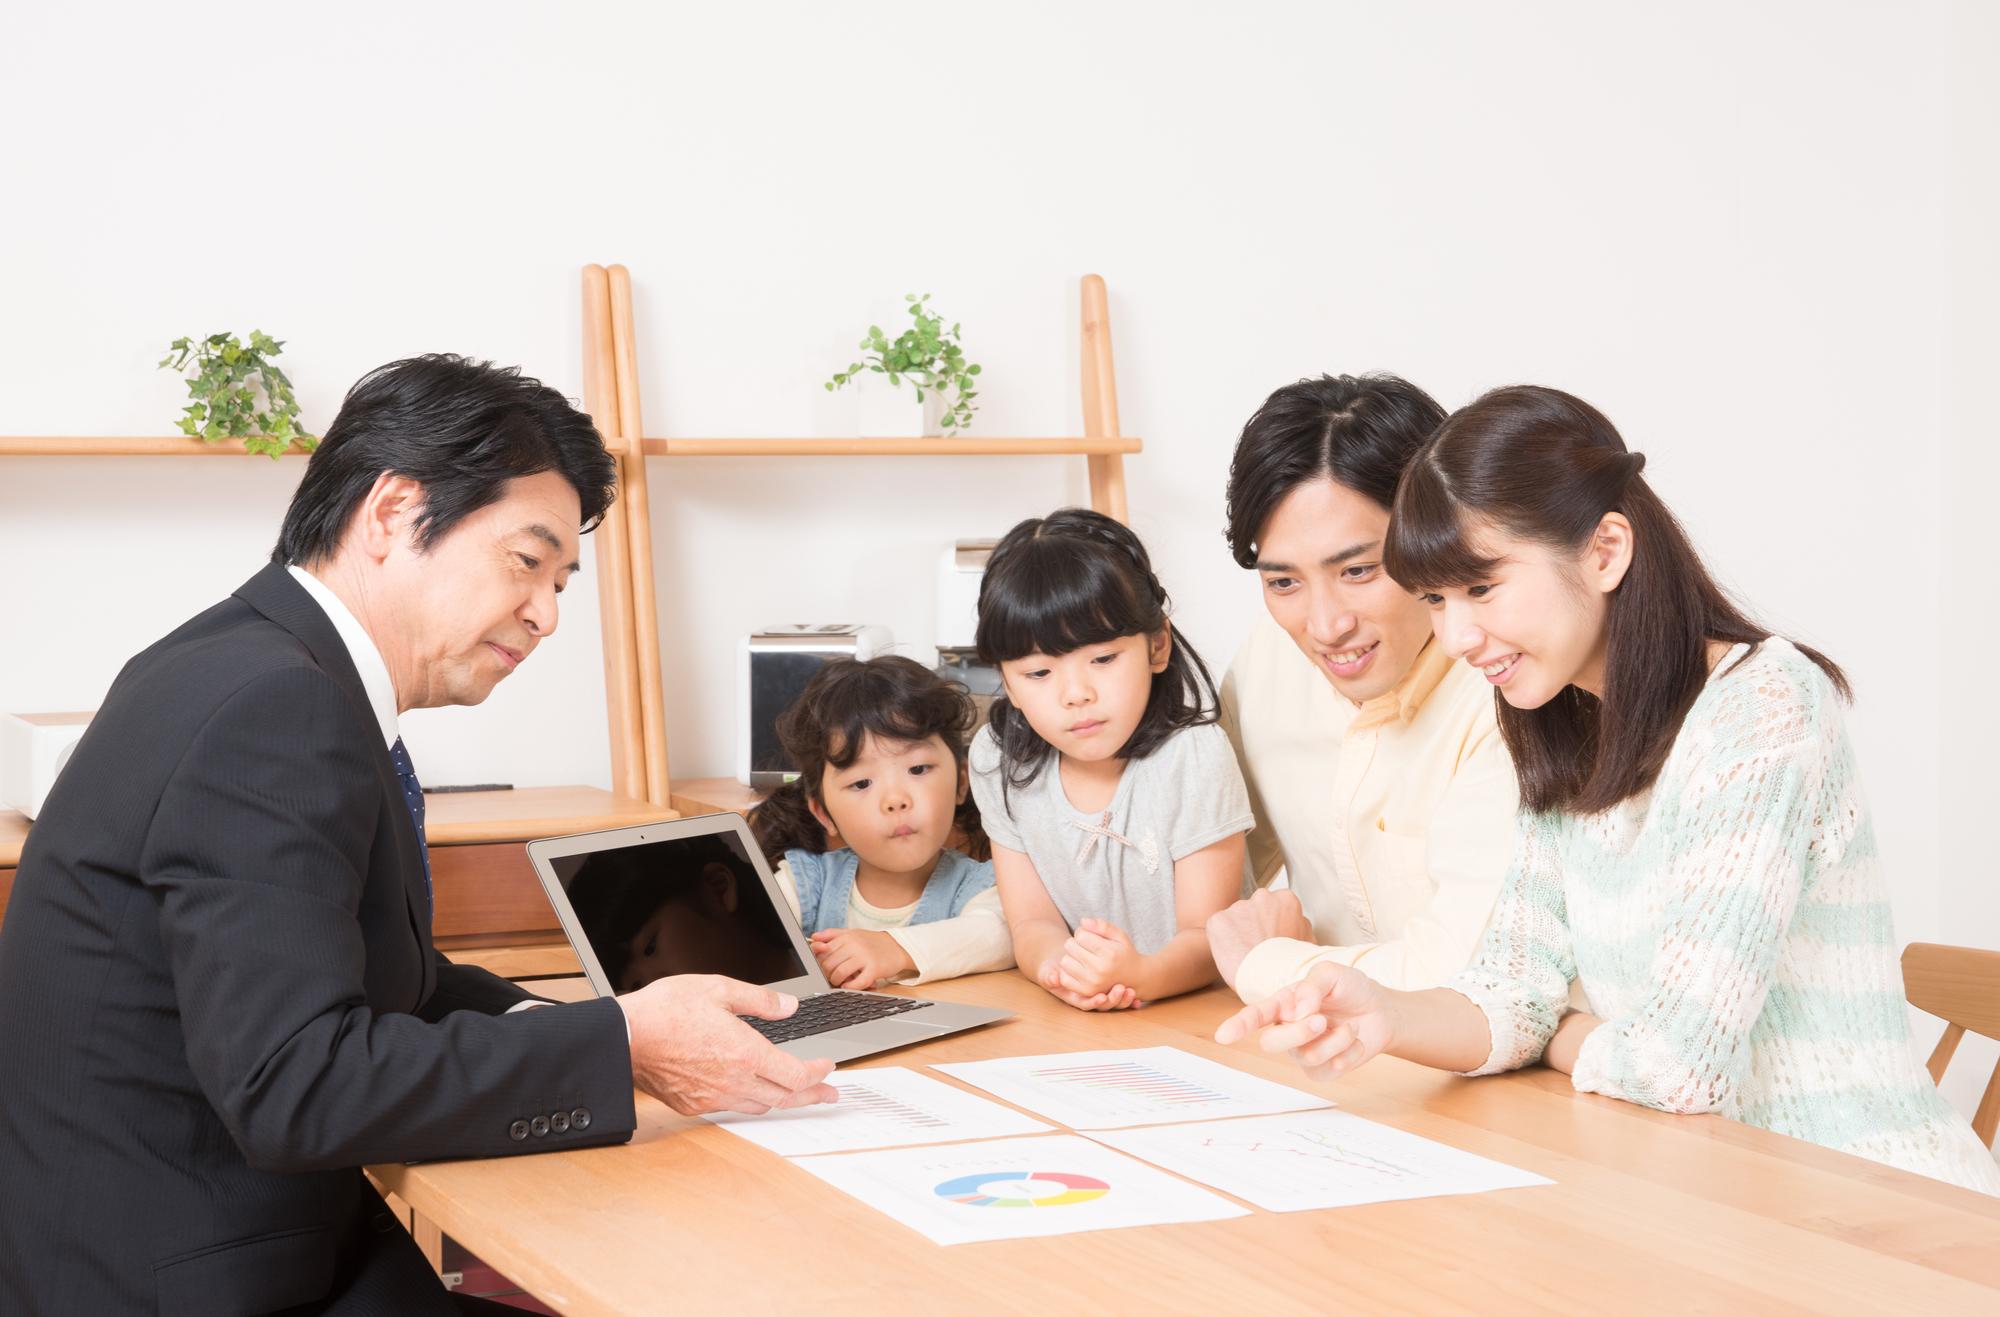 「学資保険」は、保険料控除の対象になる?